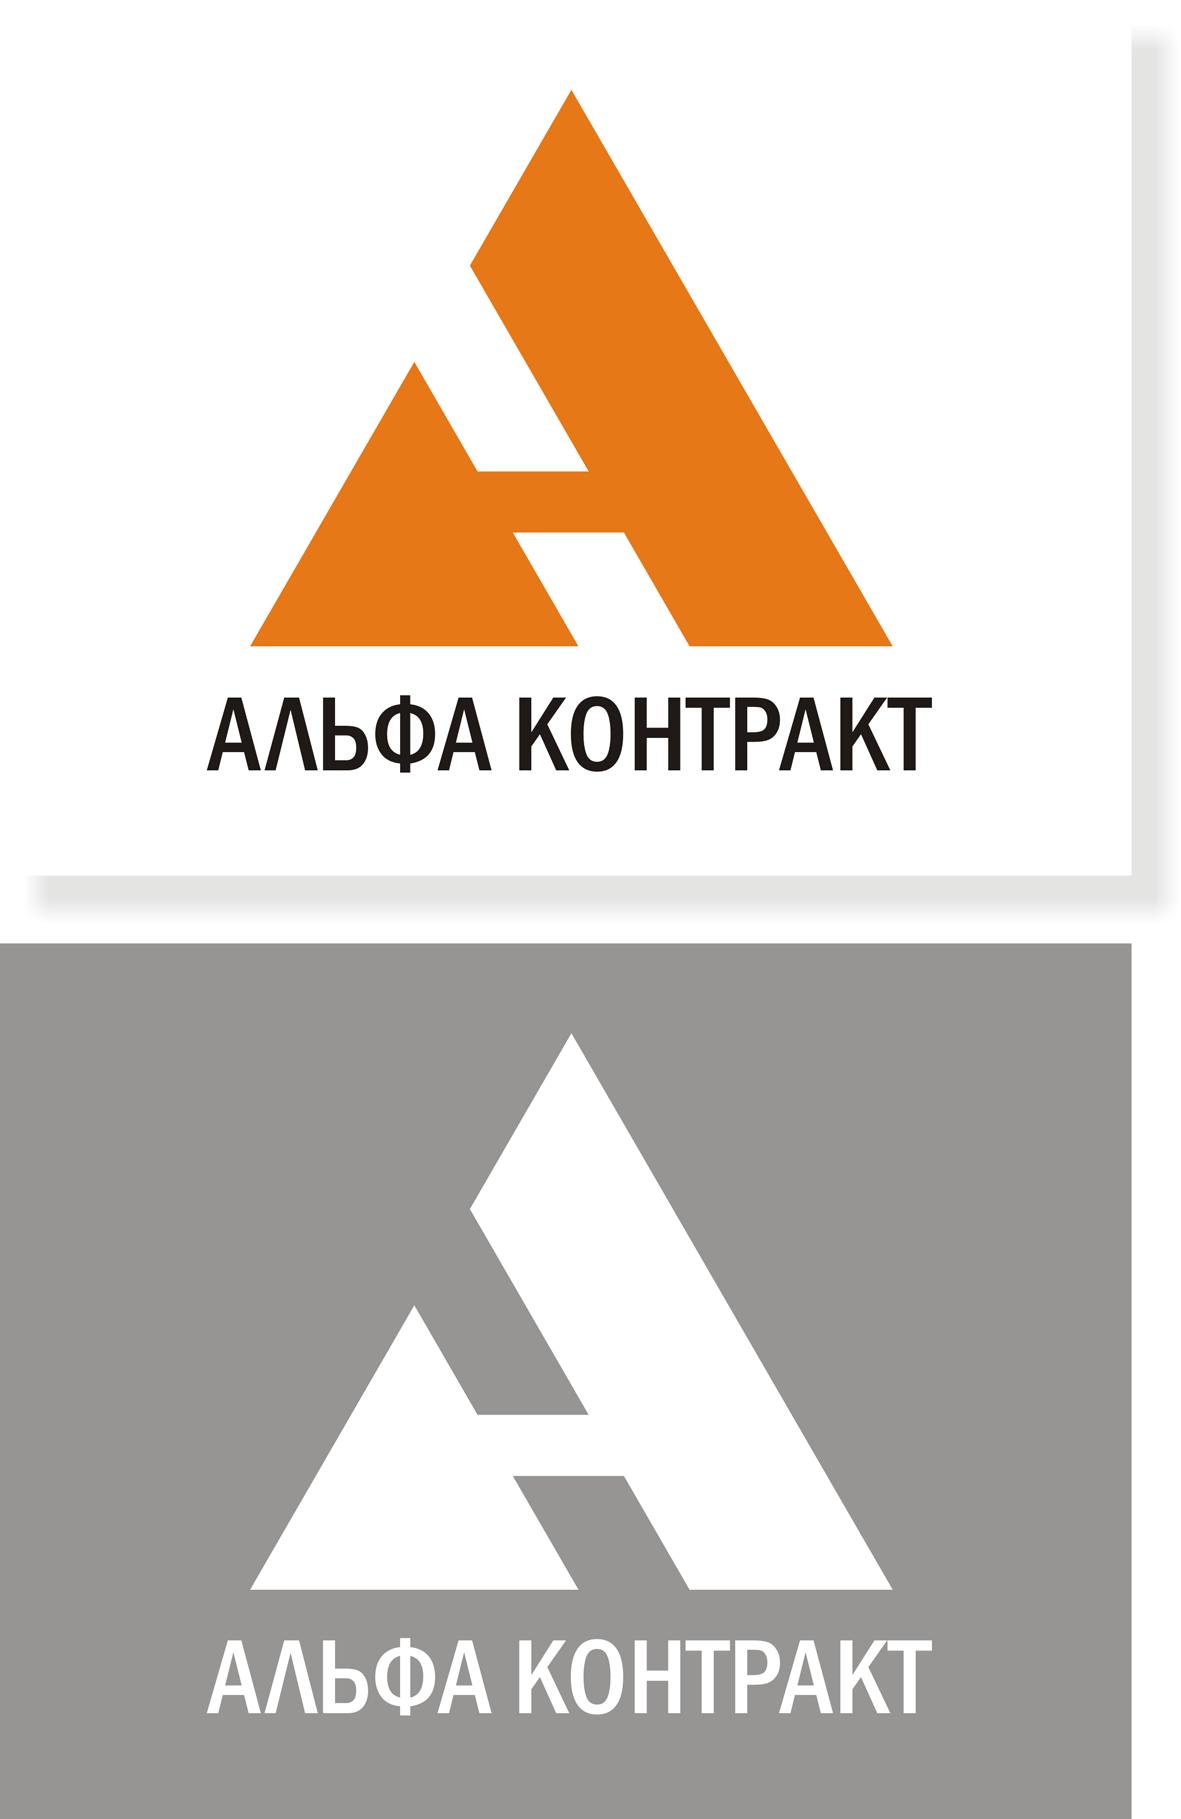 Дизайнер для разработки логотипа компании фото f_6325bfa0c0af13bd.png